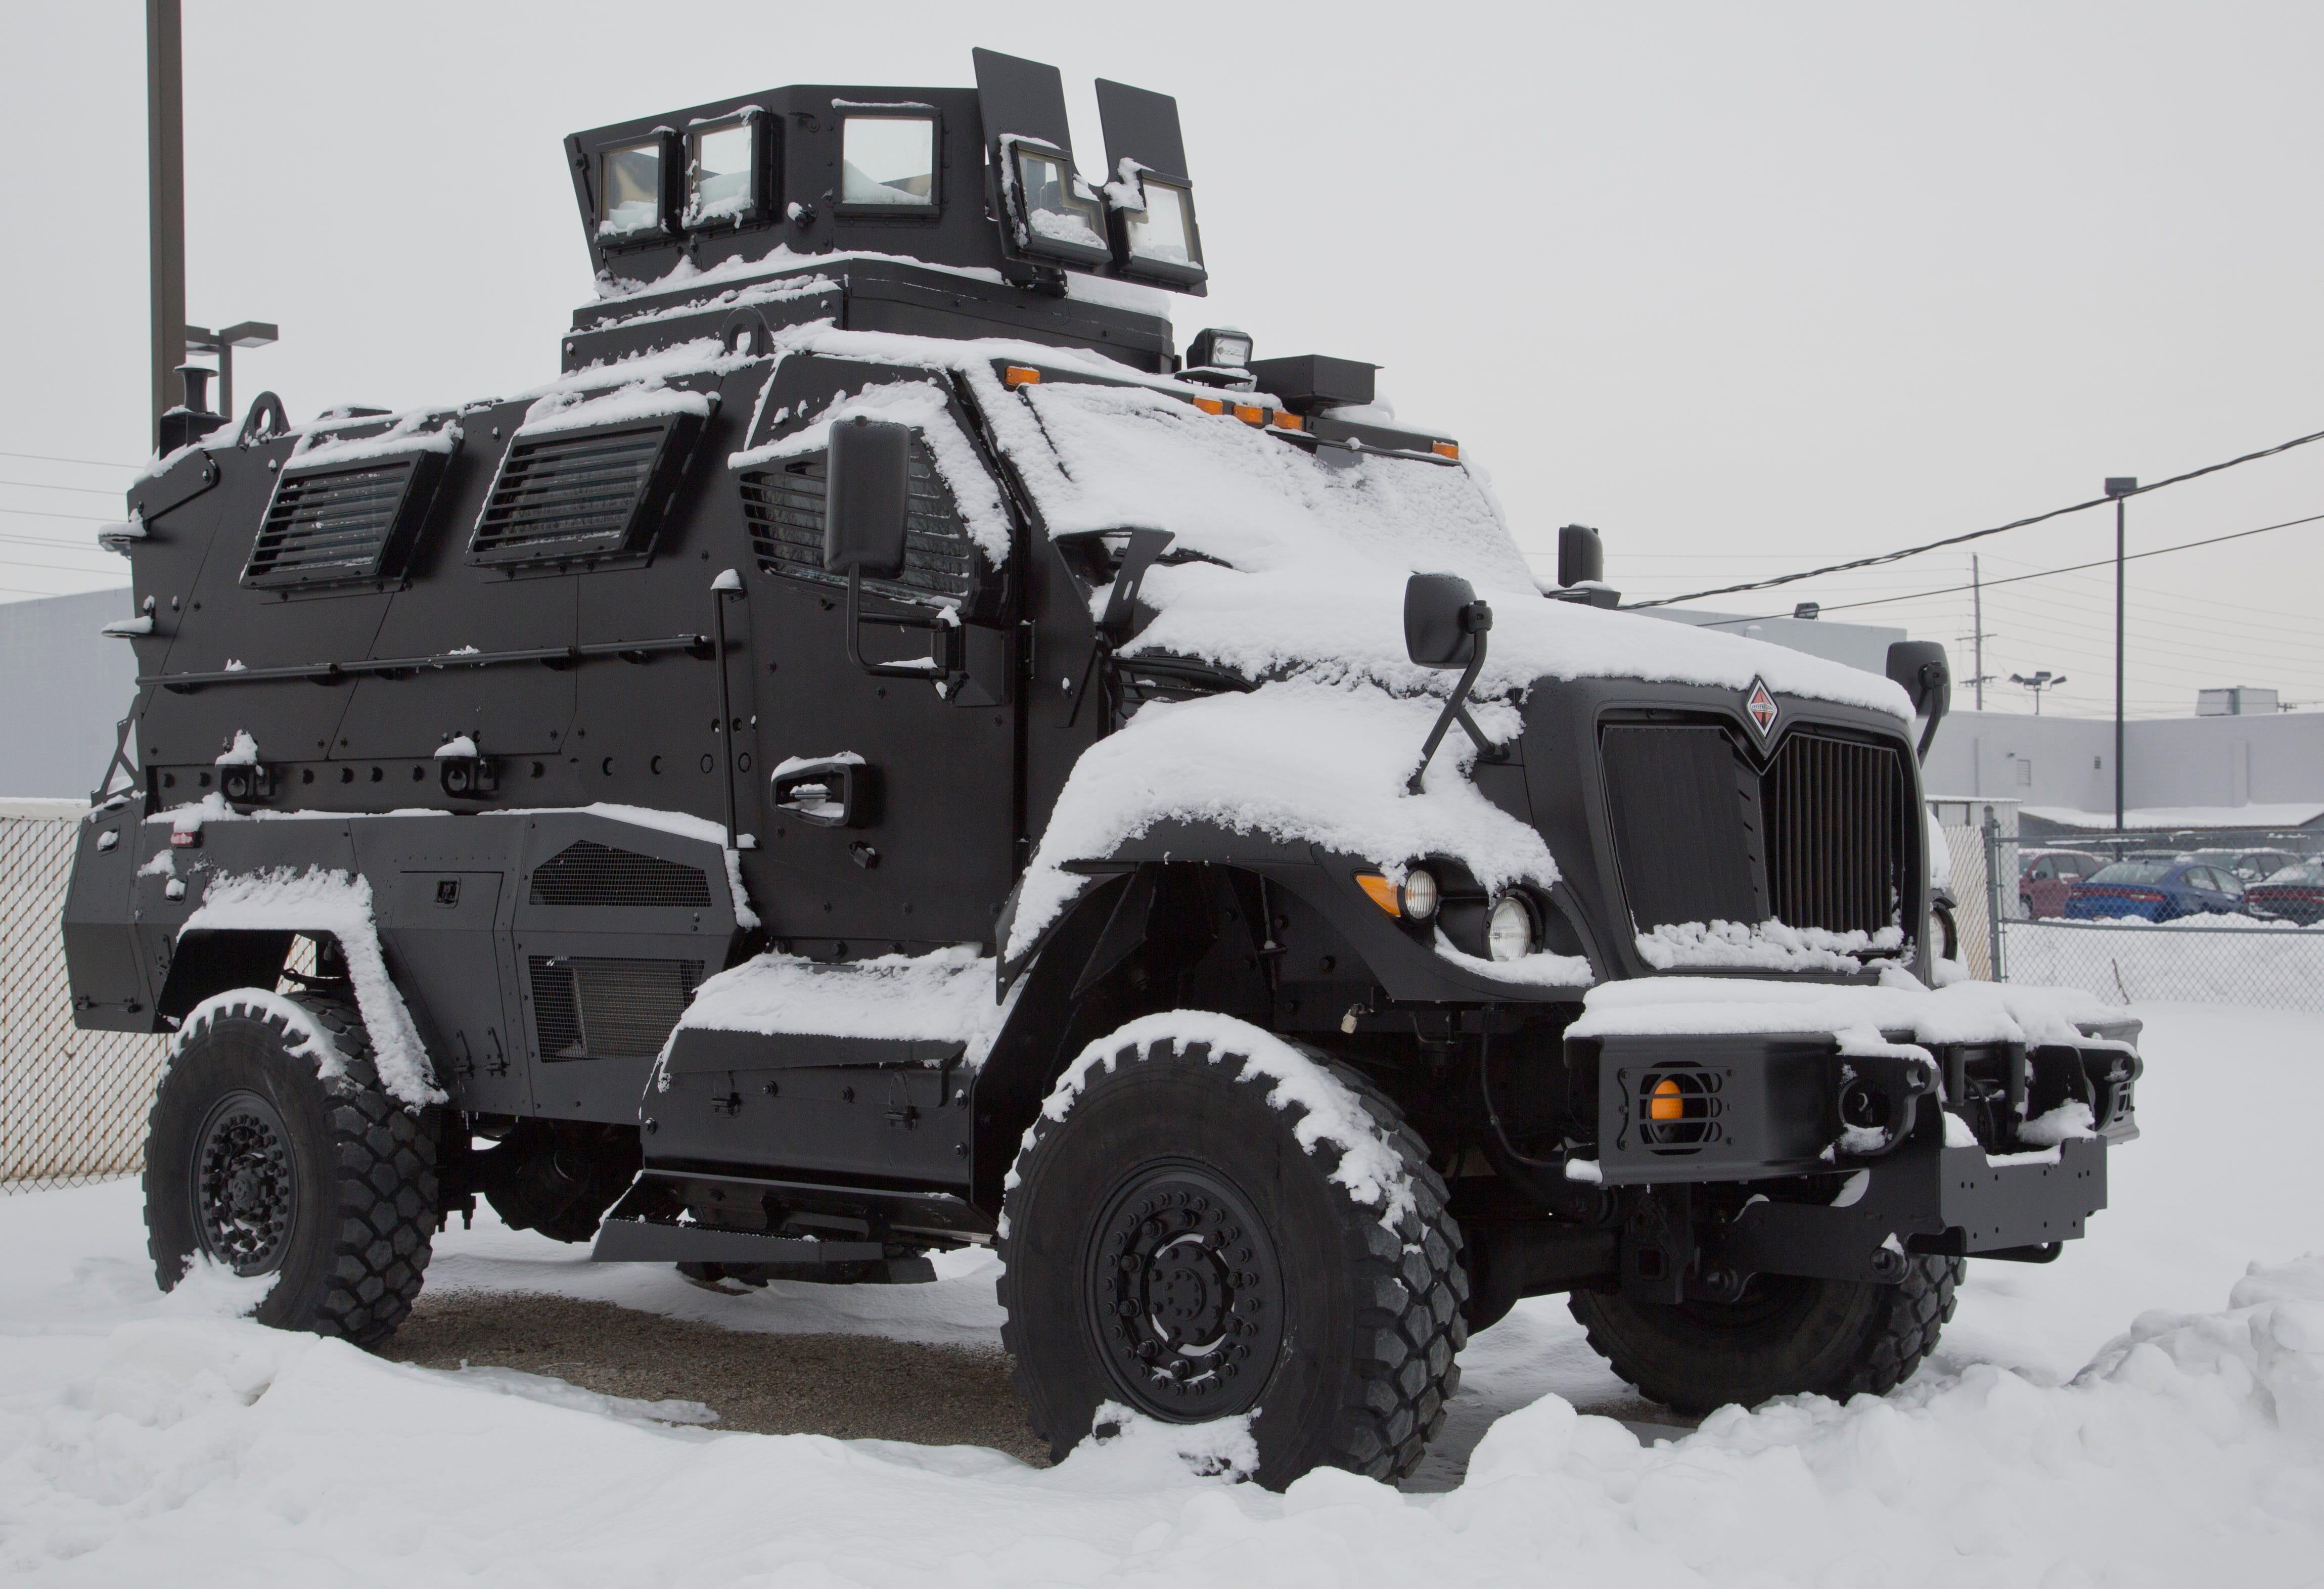 Bearcat police robot intimidating